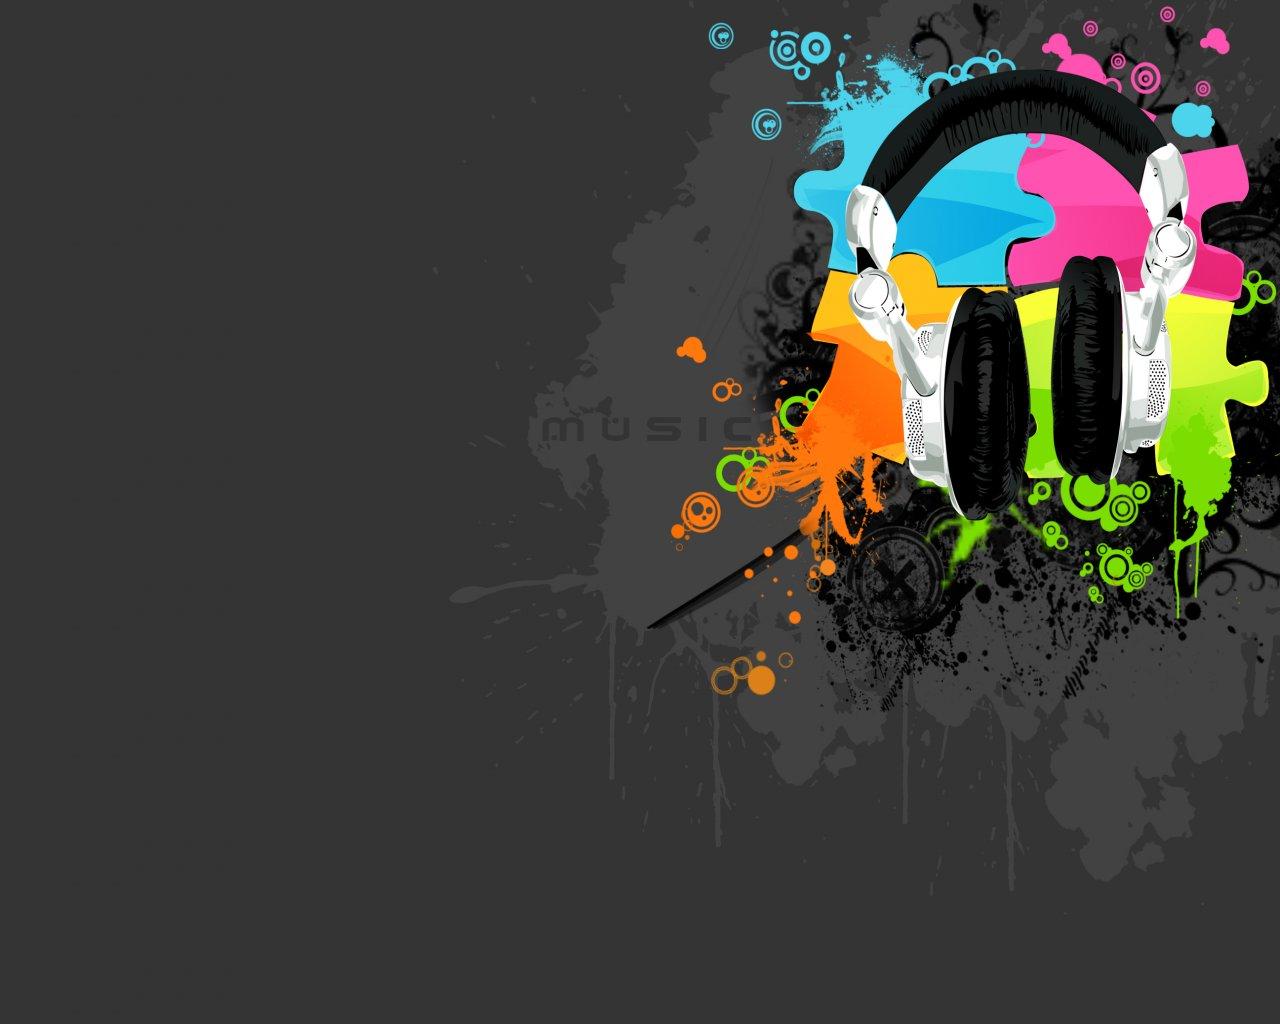 http://3.bp.blogspot.com/-zQn6WRepALg/Twk2mEQCjvI/AAAAAAAAAyE/Chu-N-RugCo/s1600/Music+Wallpapers+HD+1.jpg